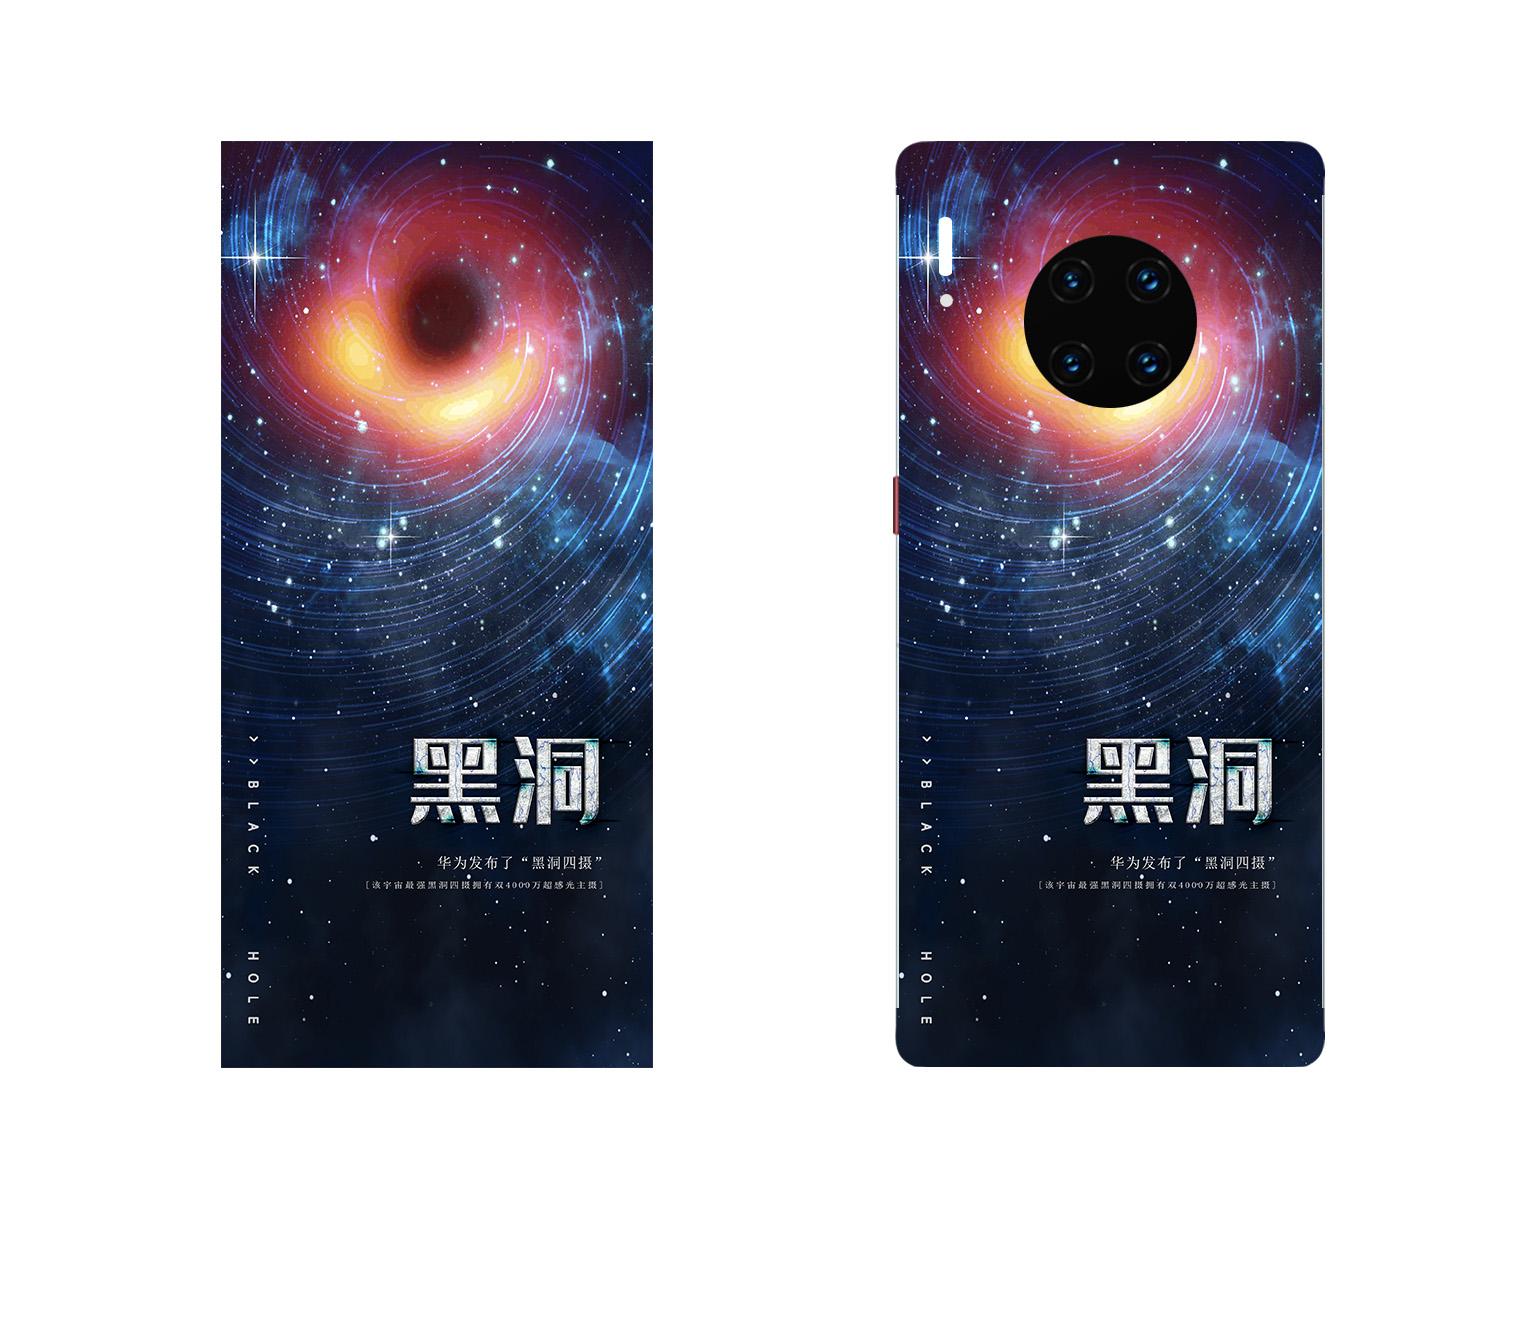 黑洞四摄.jpg